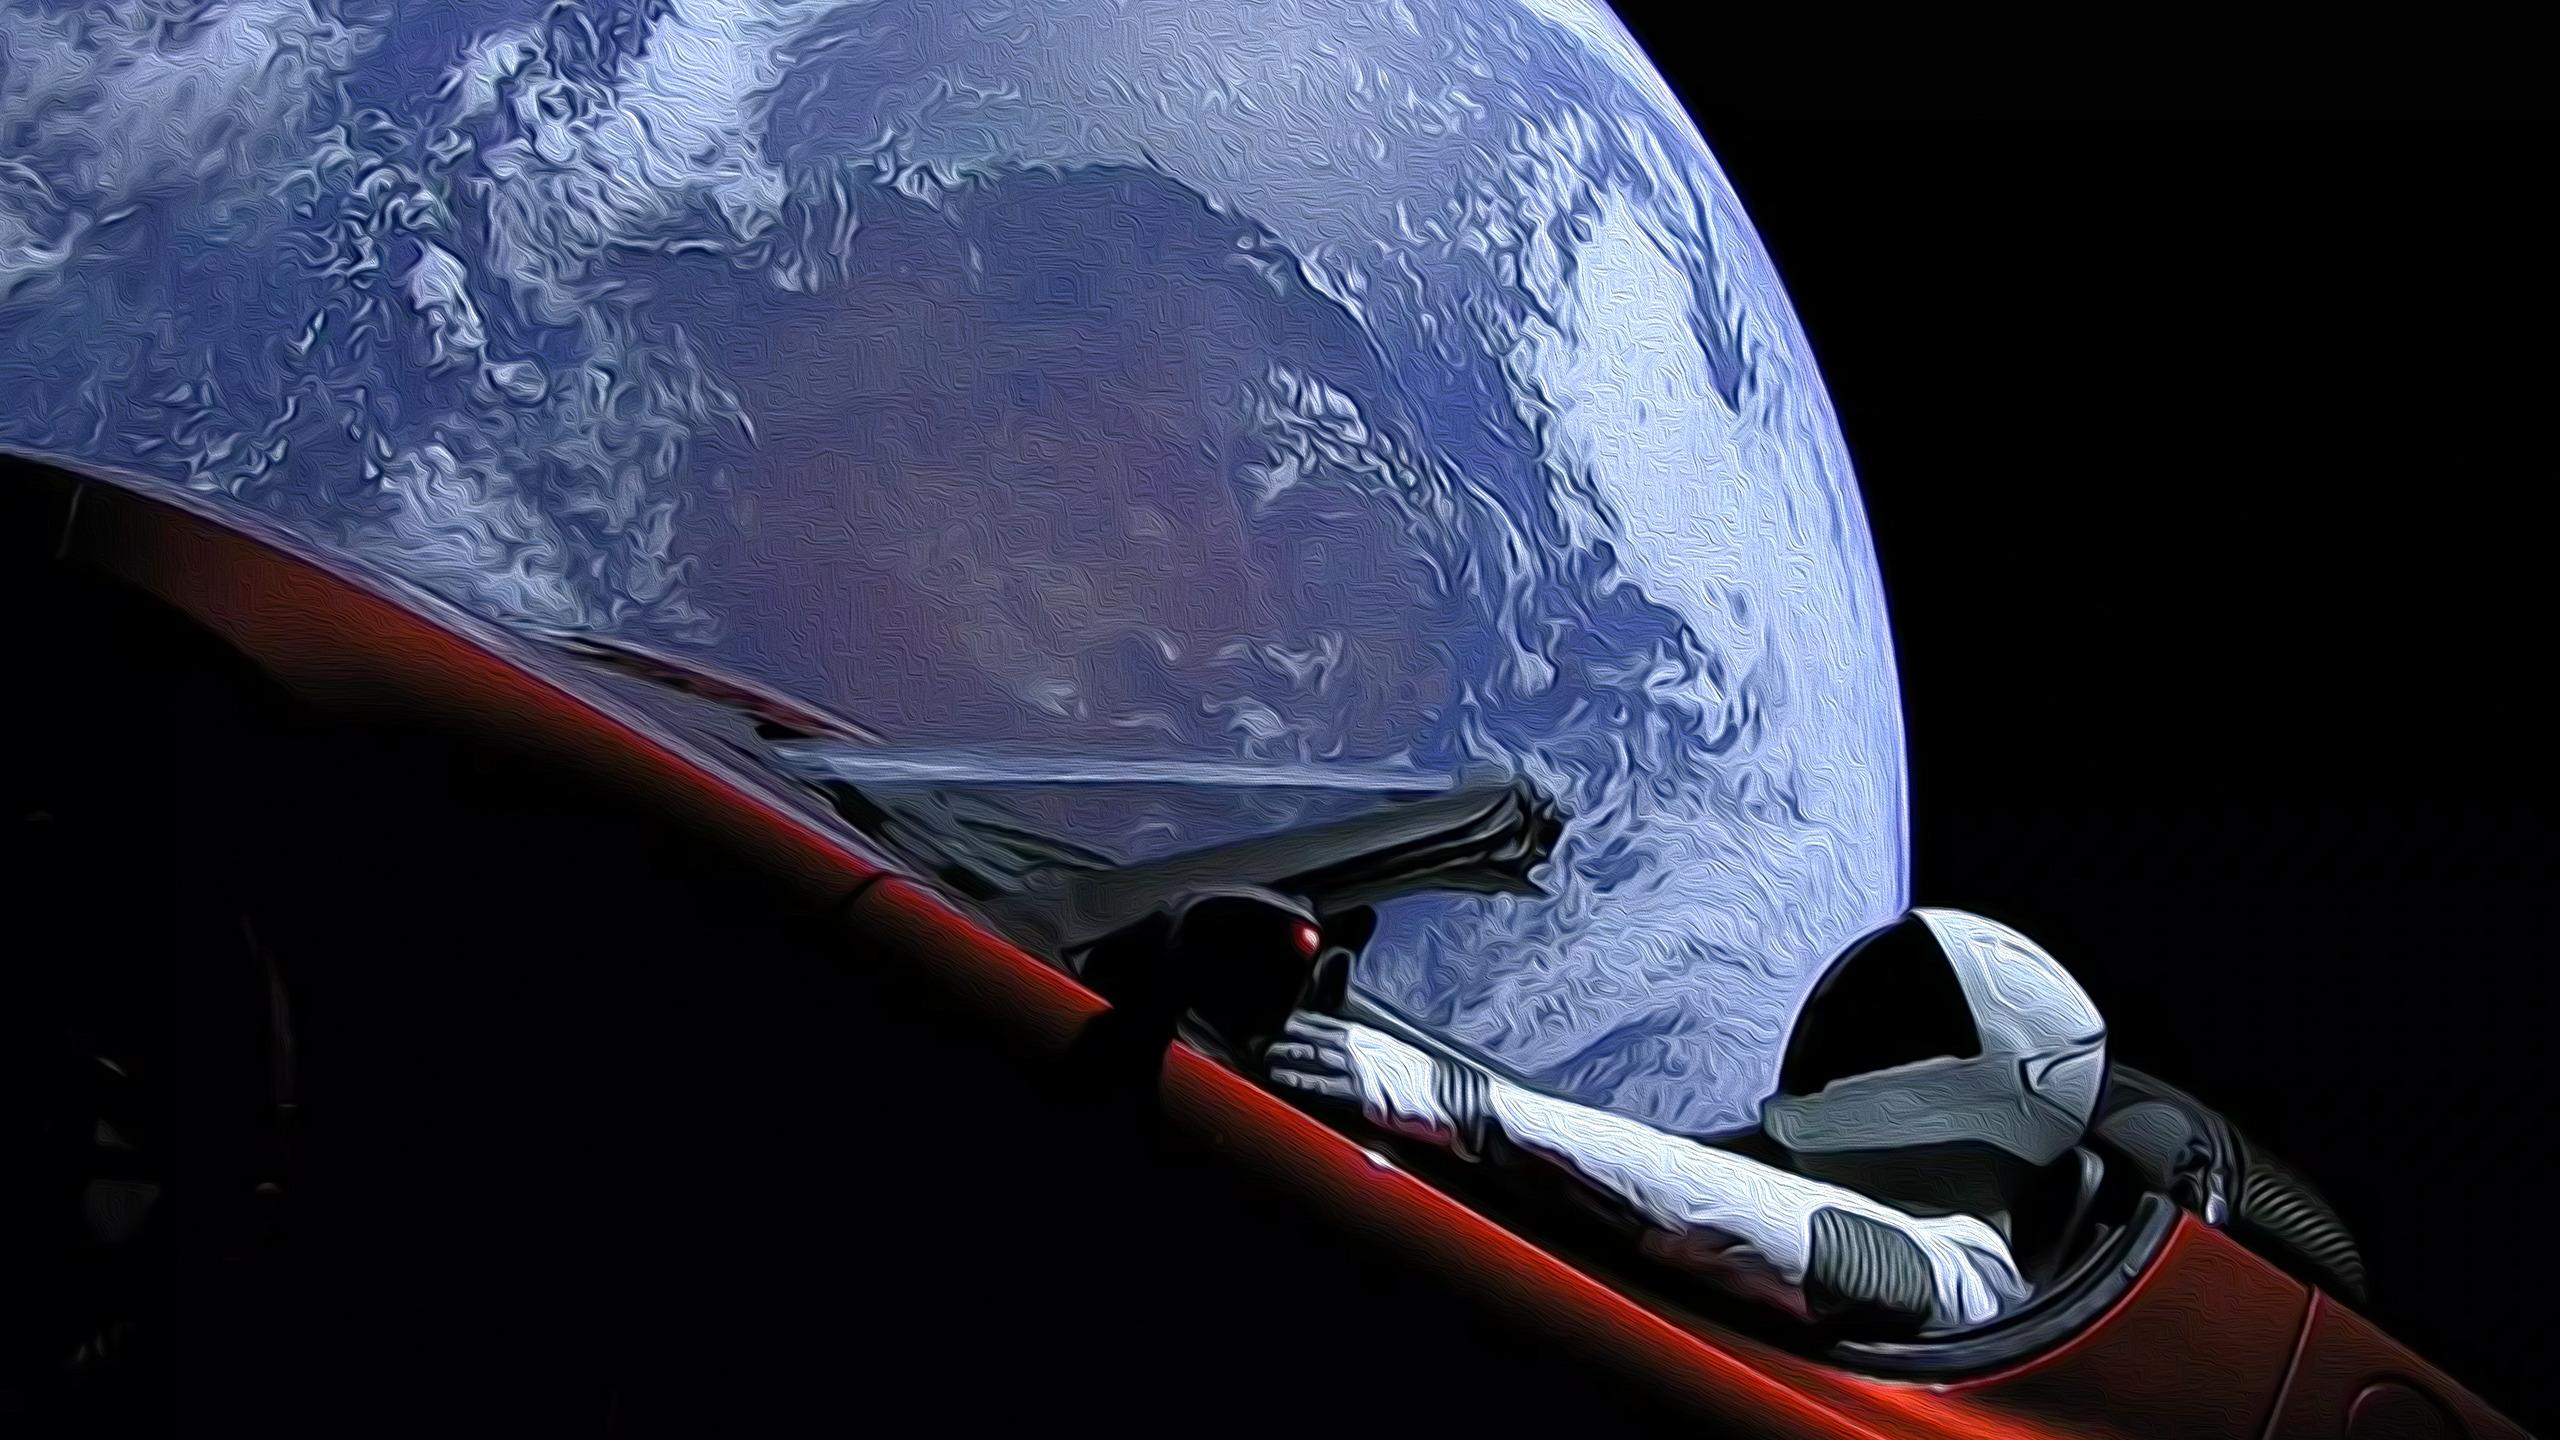 General 2560x1440 SpaceX Tesla Roadster Earth space car digital art